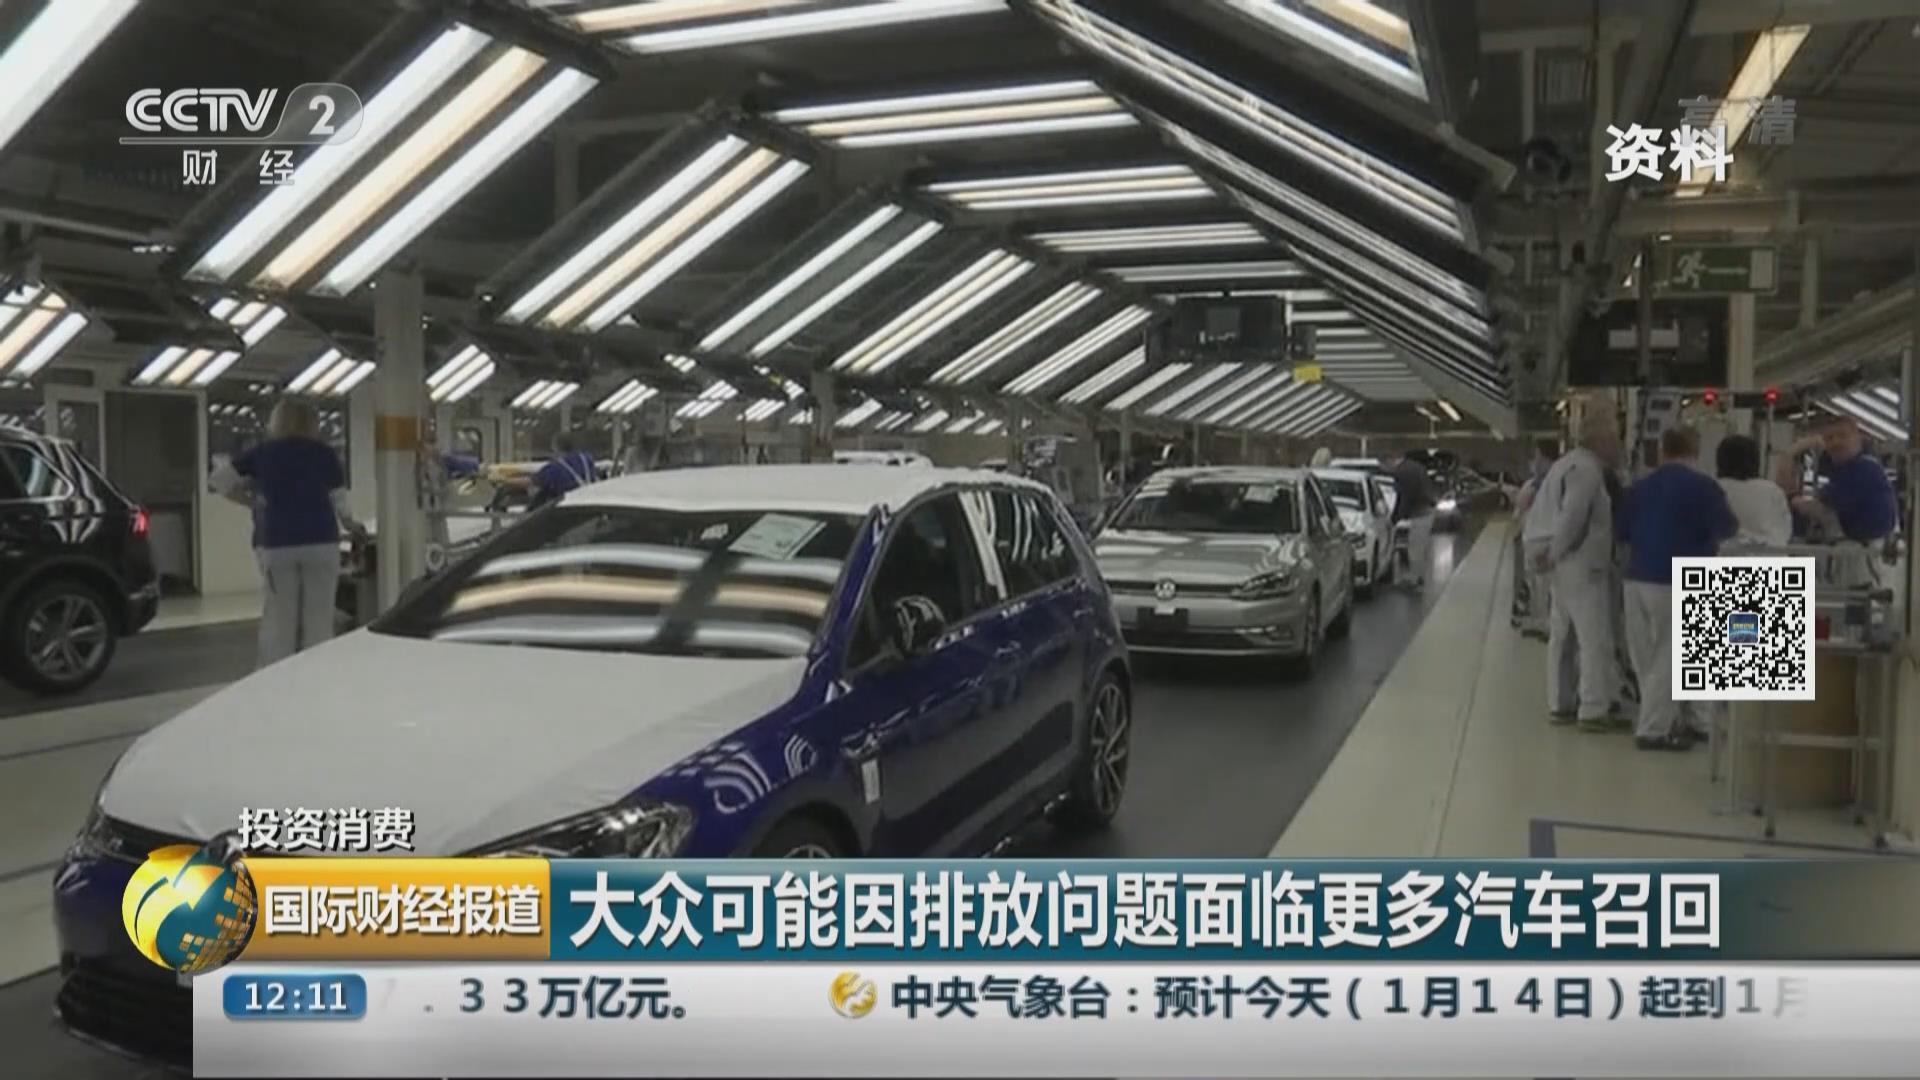 大眾可能因排放問題面臨更多汽車召回